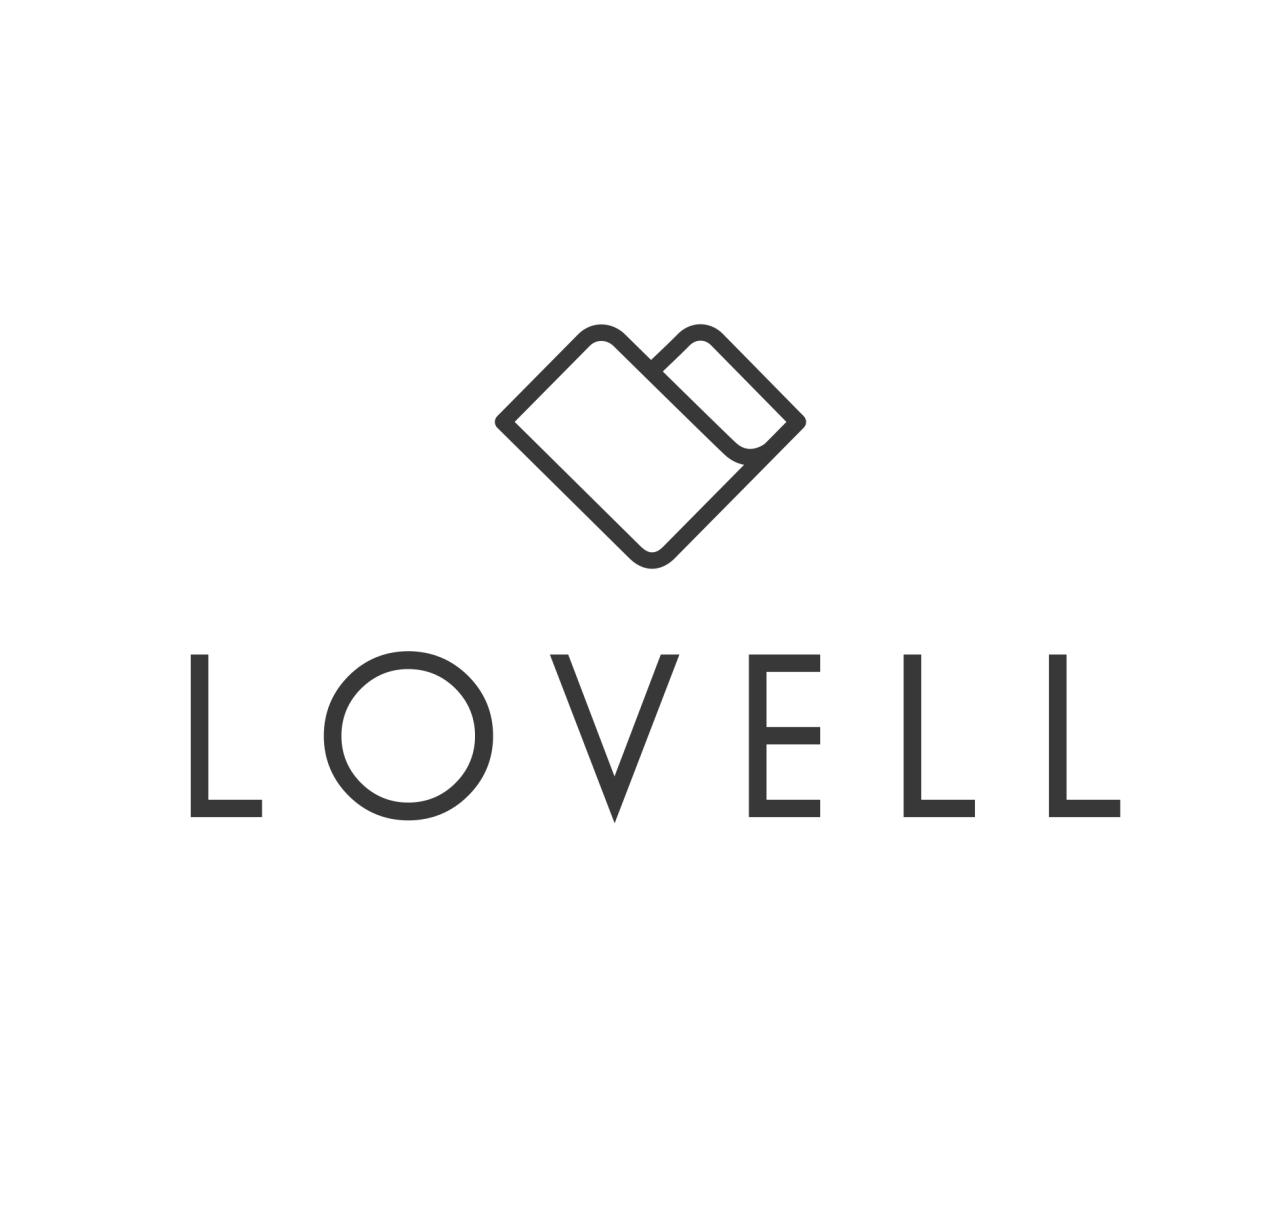 LOVELL